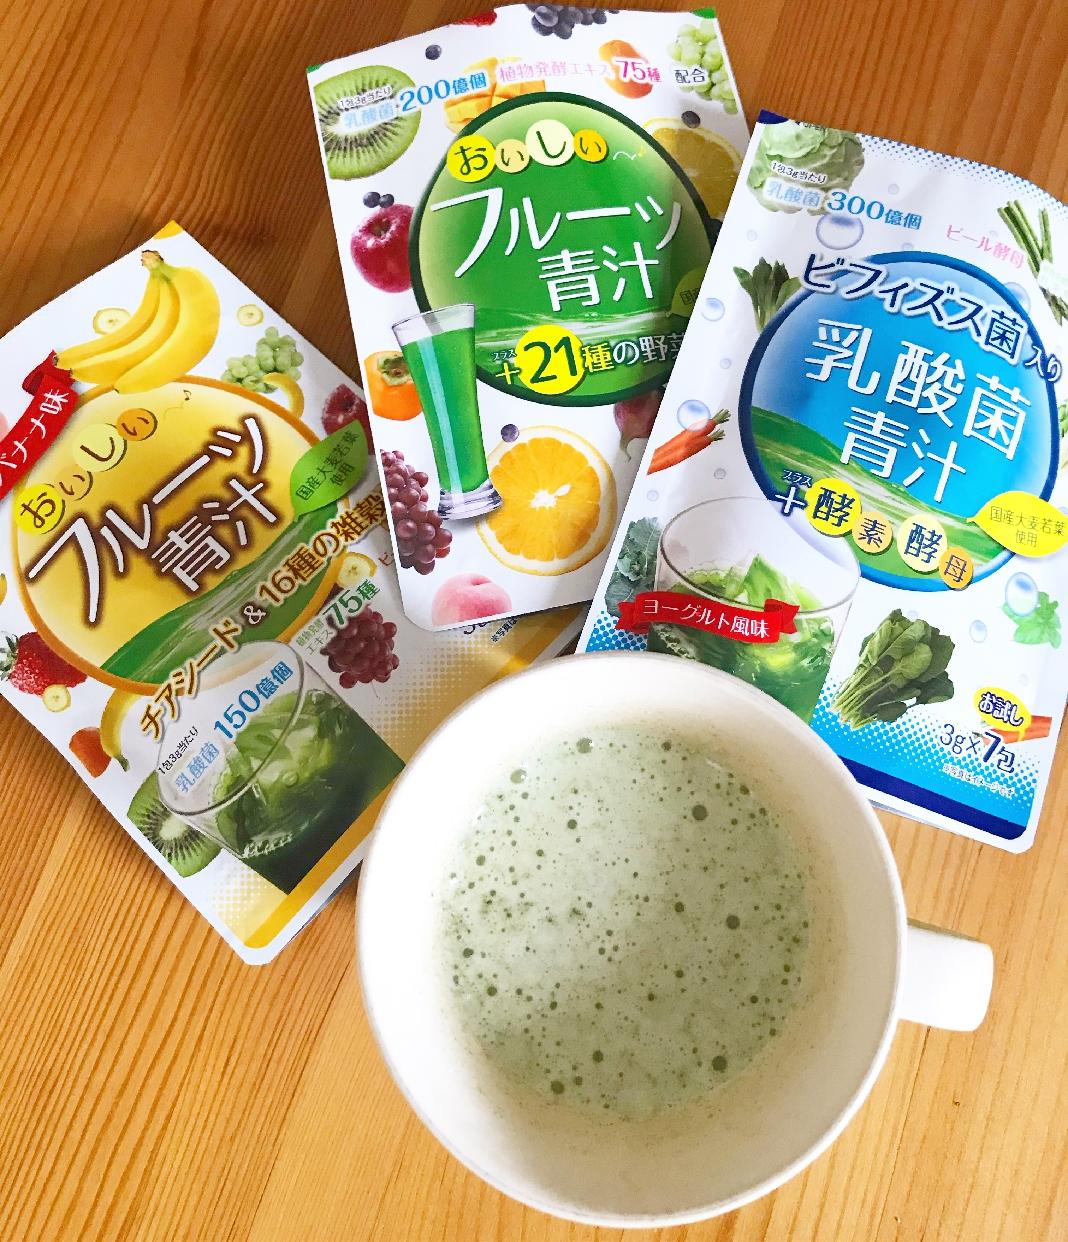 YUWA(ユーワ) おいしいフルーツ青汁に関するxxxnaaさんの口コミ画像1